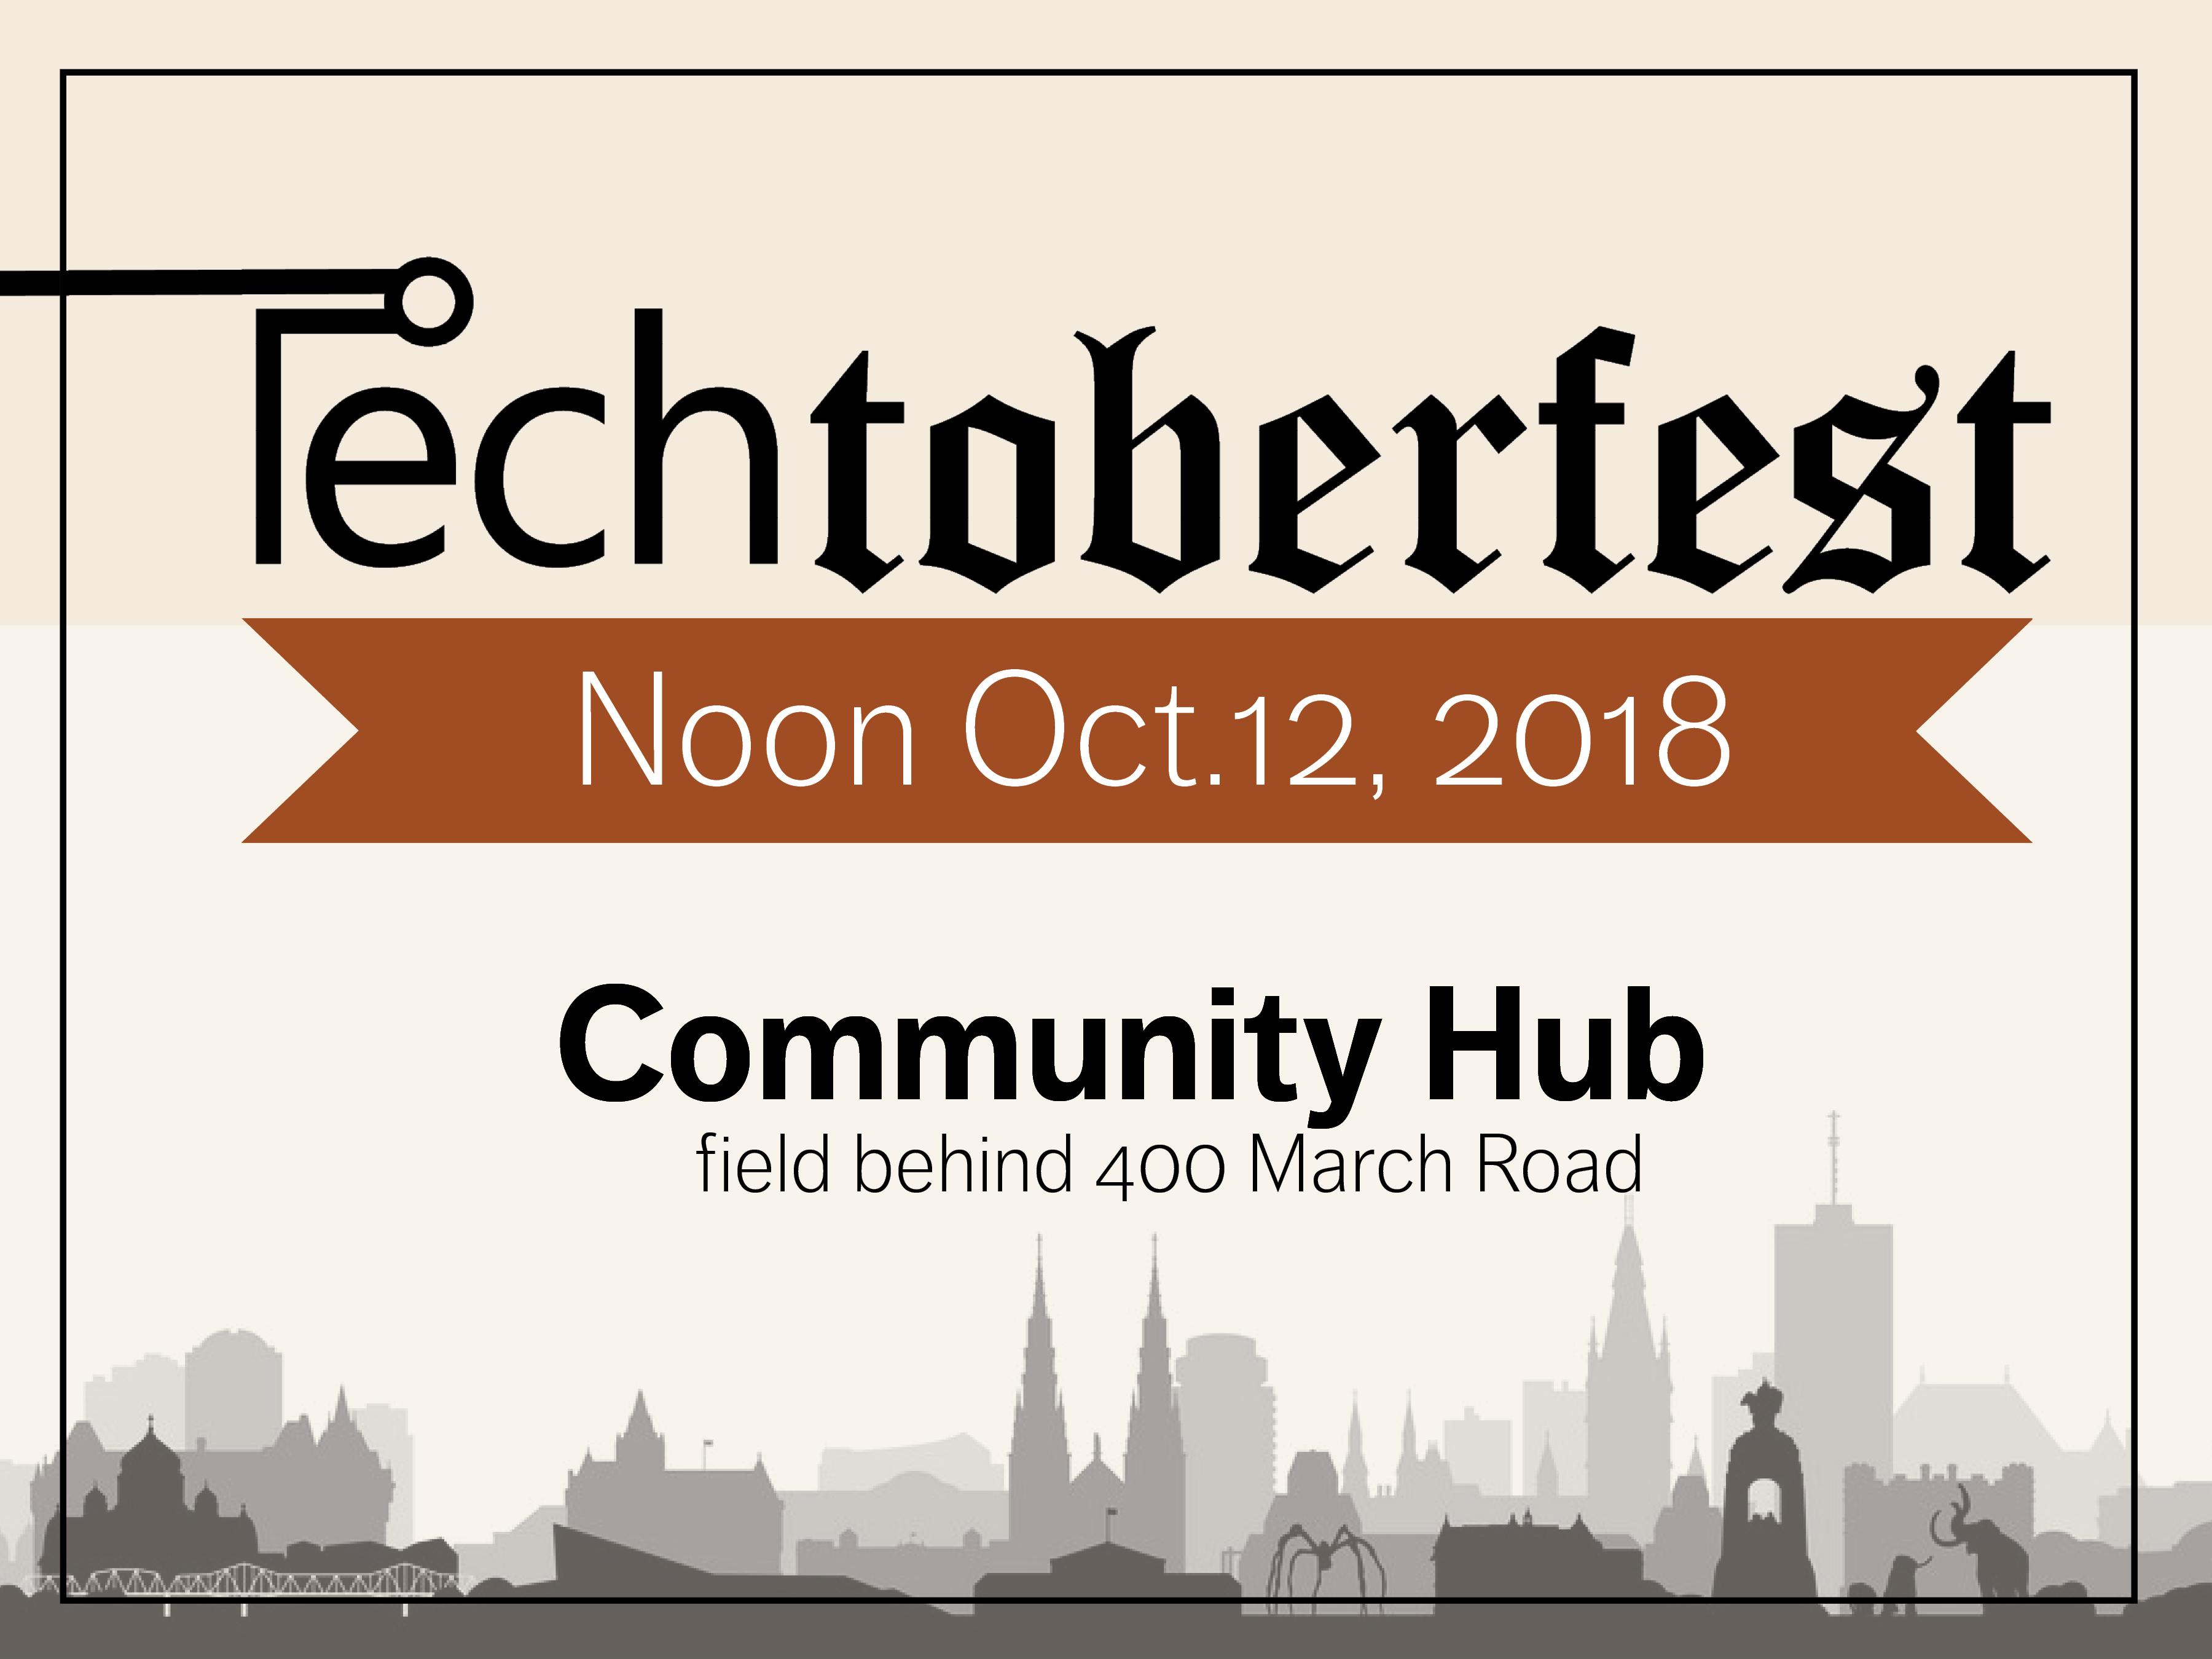 Poster Techtoberfest,City Silhouette along bottom